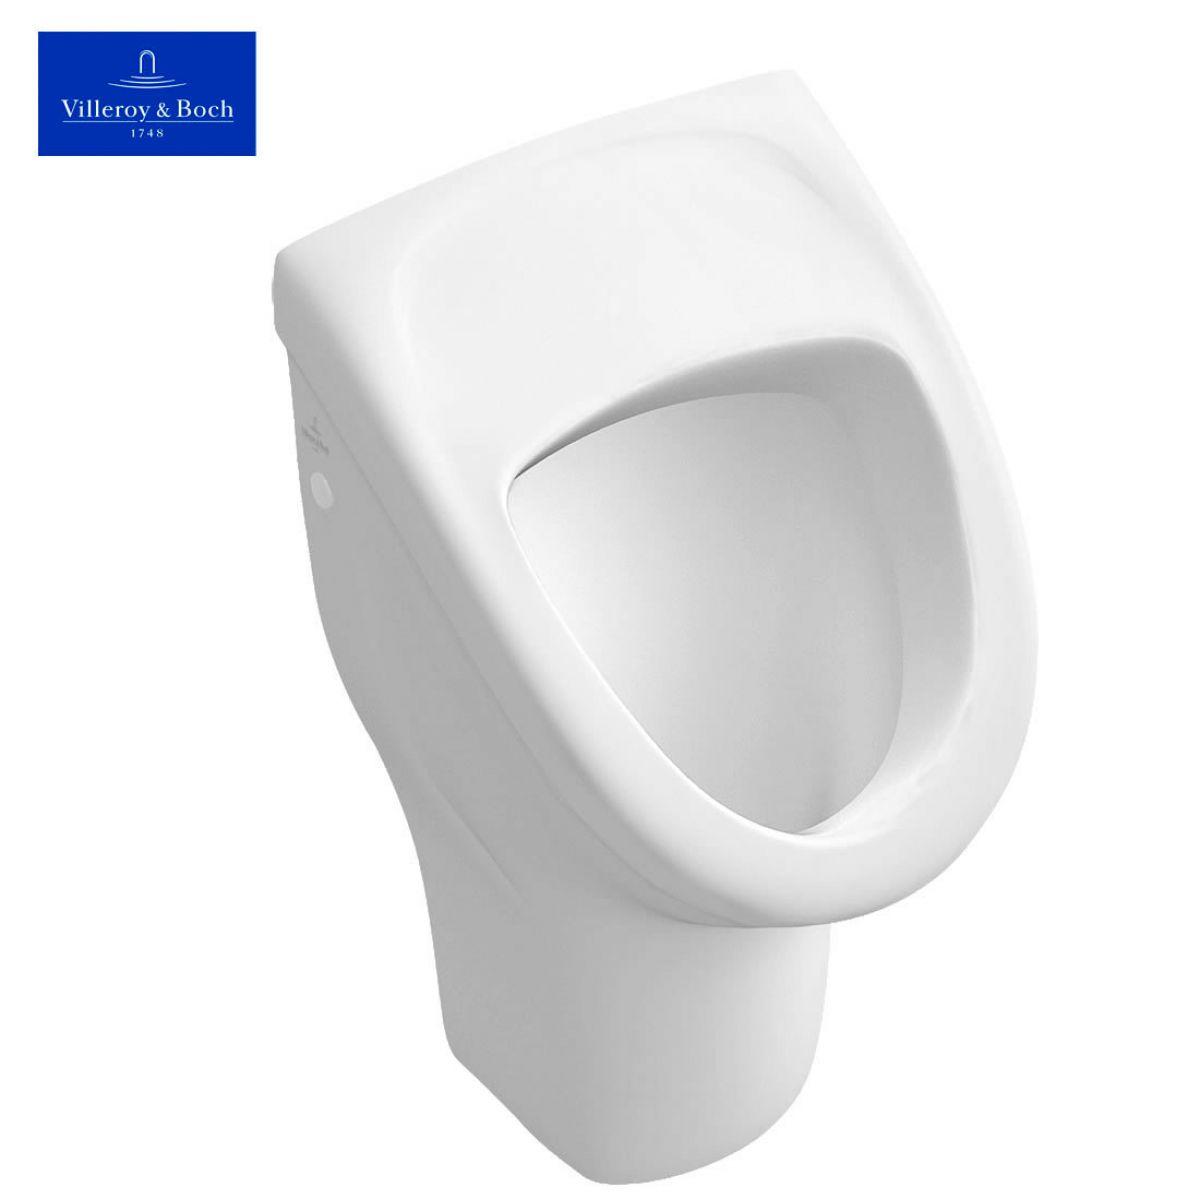 villeroy boch o novo urinal with concealed inlet uk bathrooms. Black Bedroom Furniture Sets. Home Design Ideas